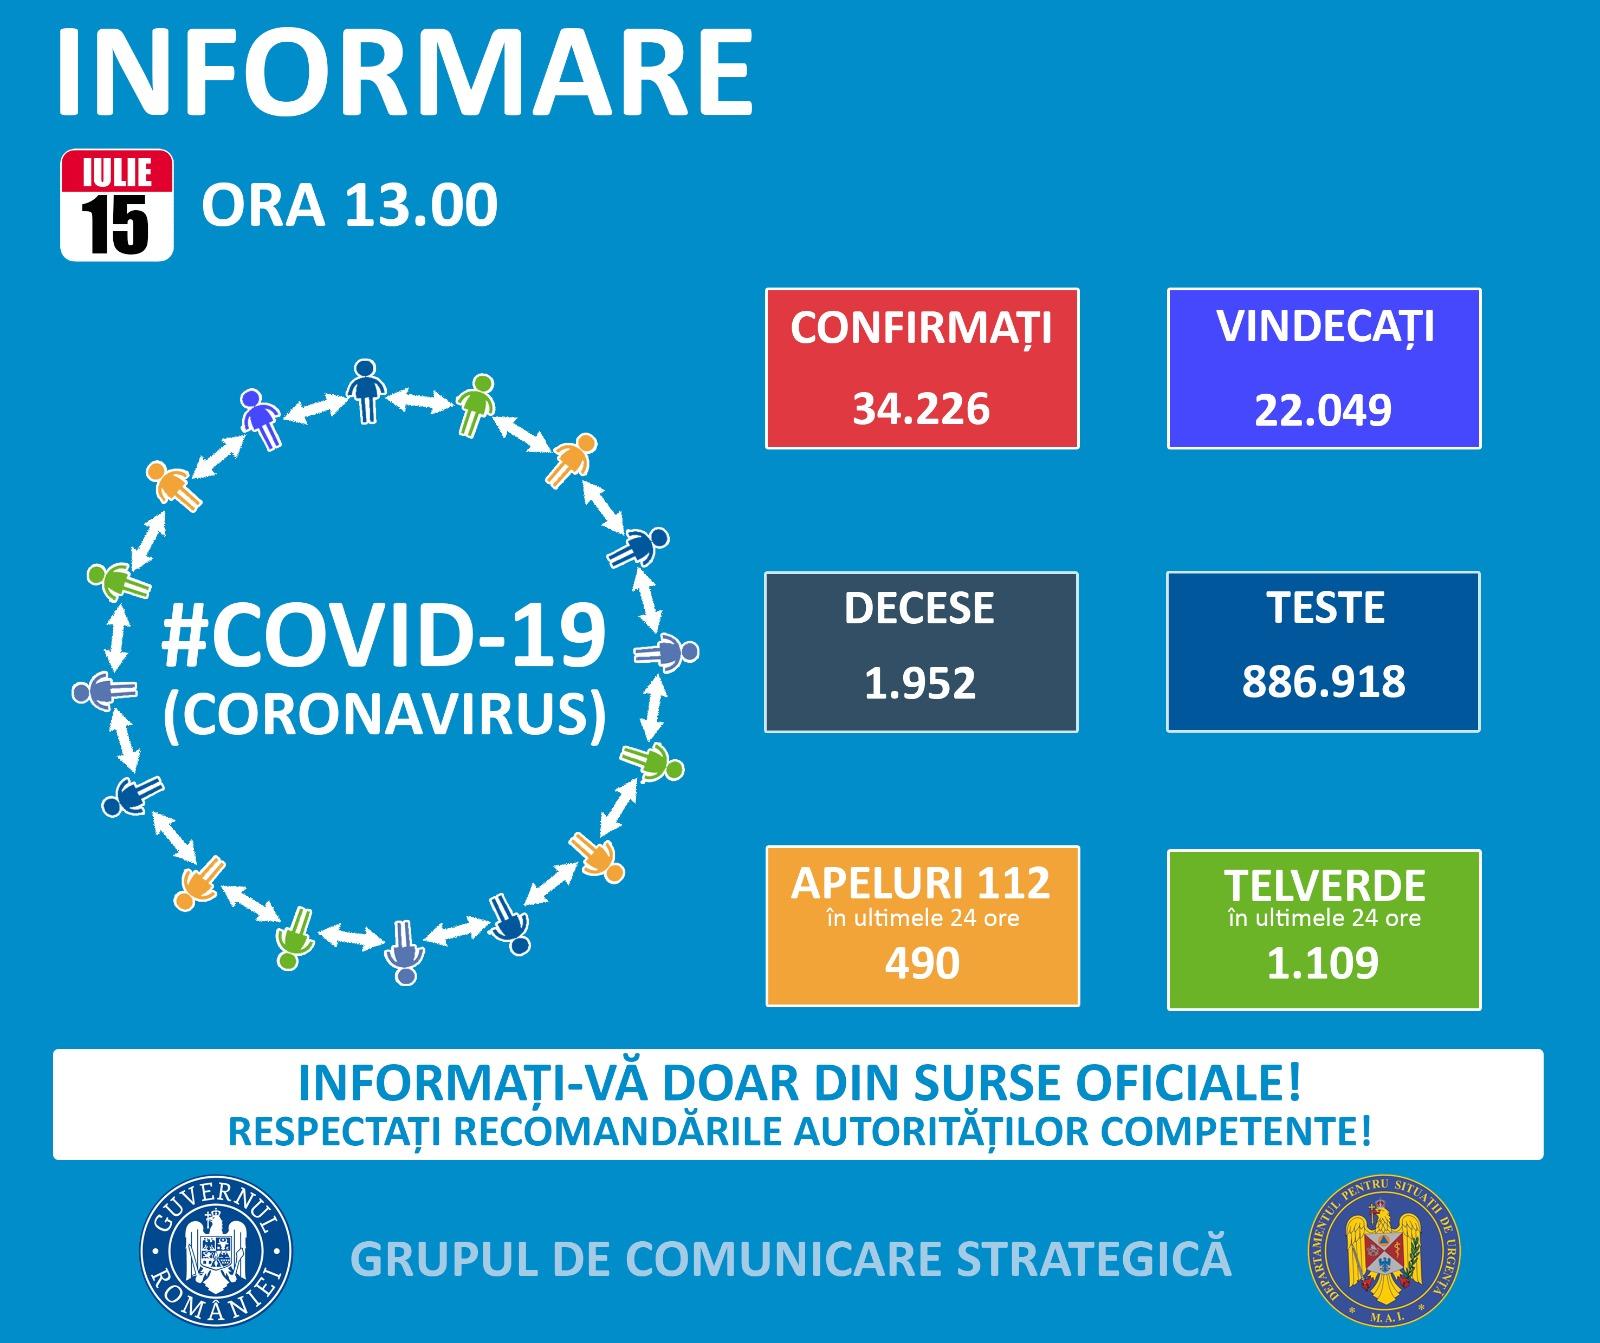 Coronavirus: Numărul persoanelor decedate în Prahova a ajuns la 44. Situația pe județe